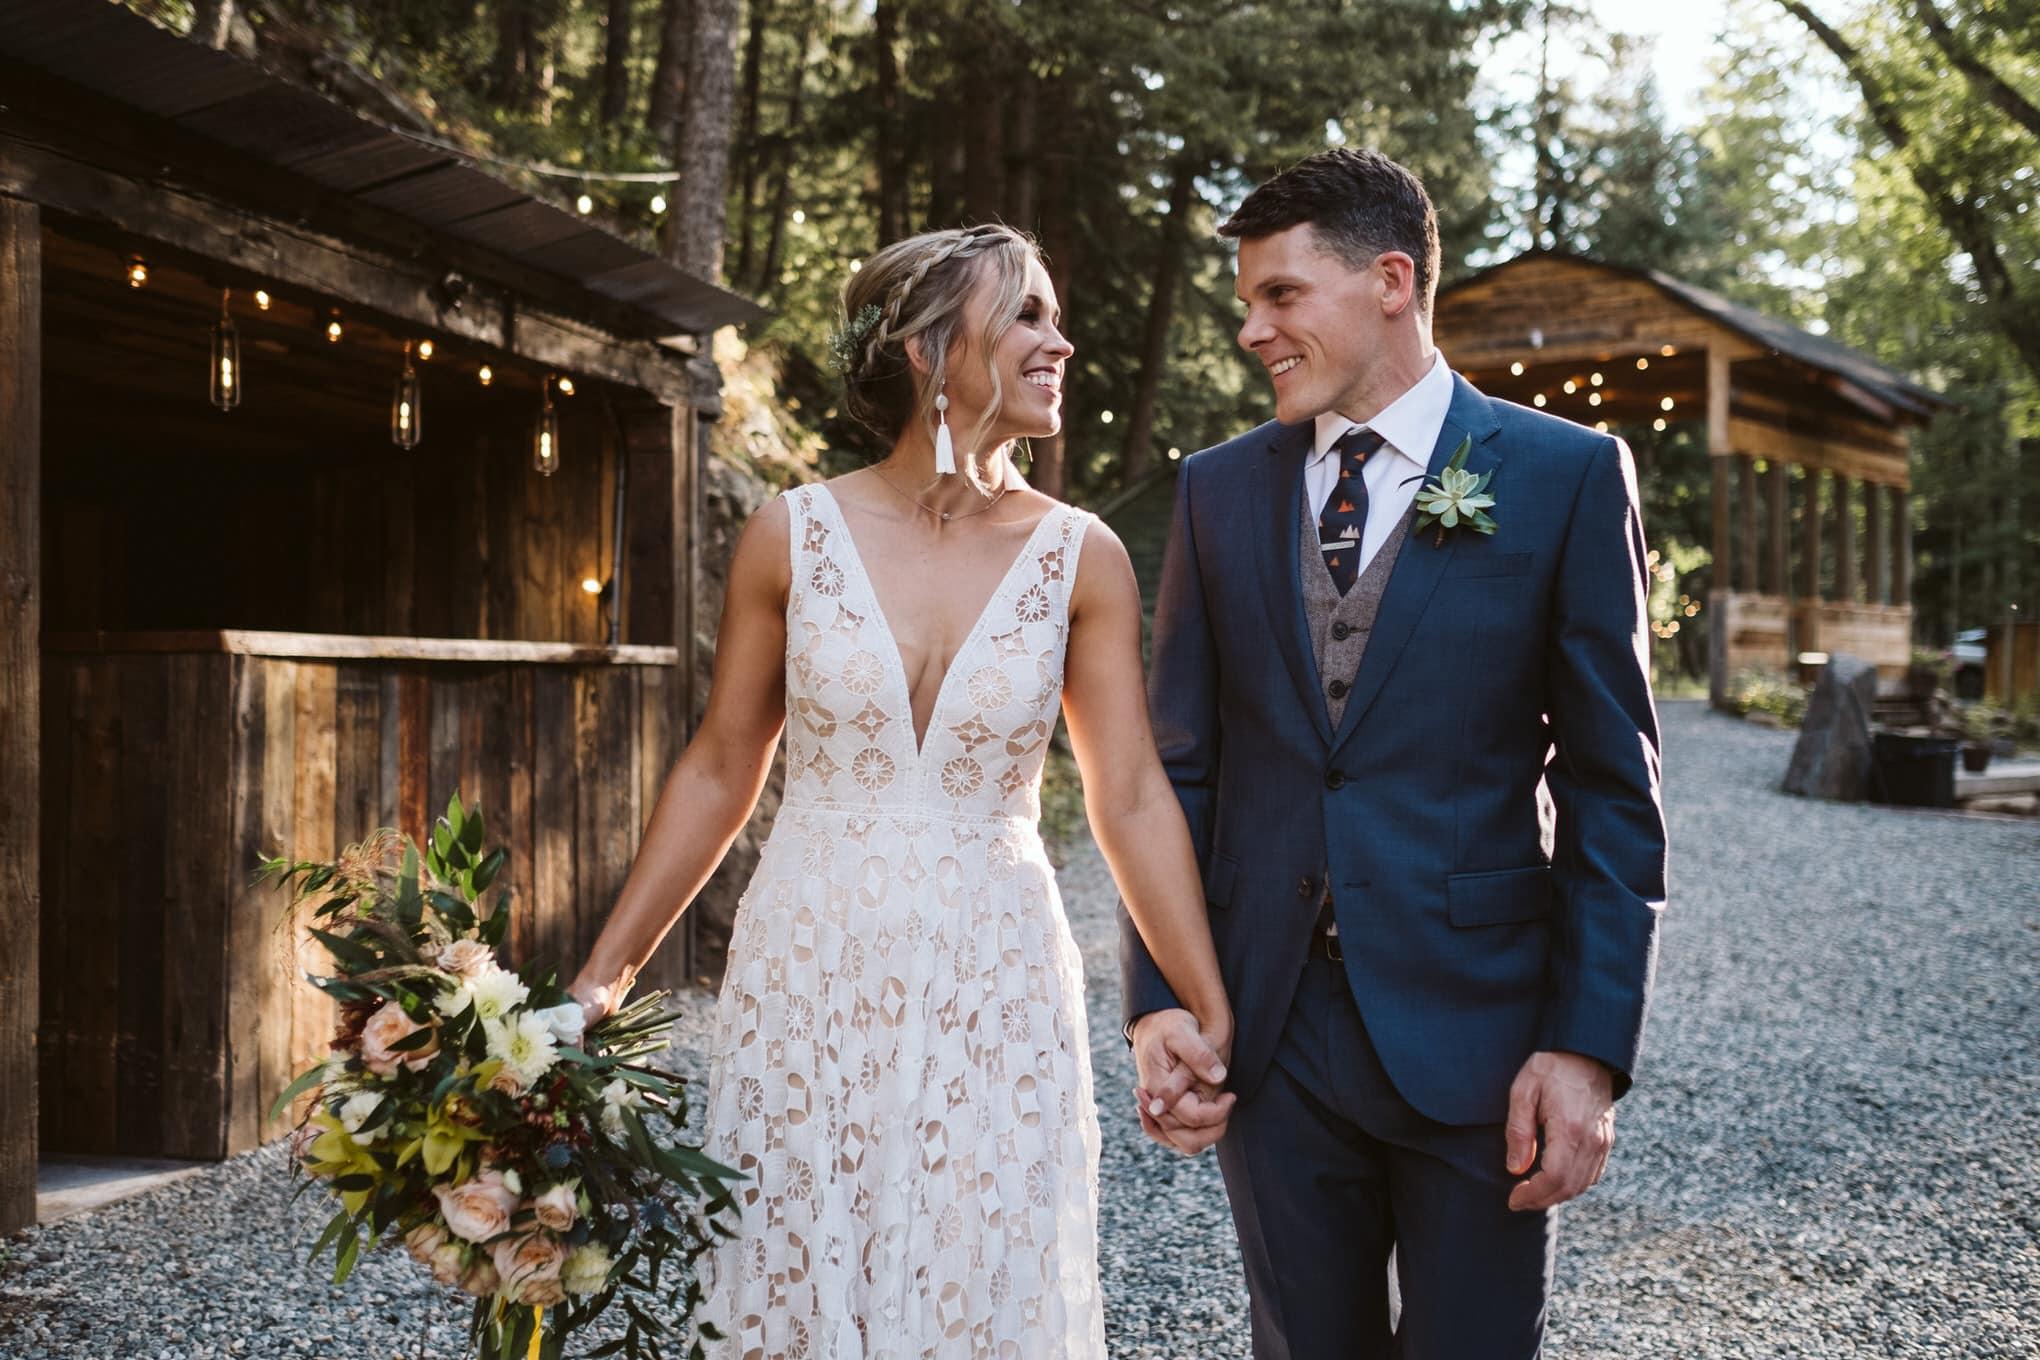 Blackstone Rivers Ranch Wedding photography, Idaho Springs wedding in Colorado